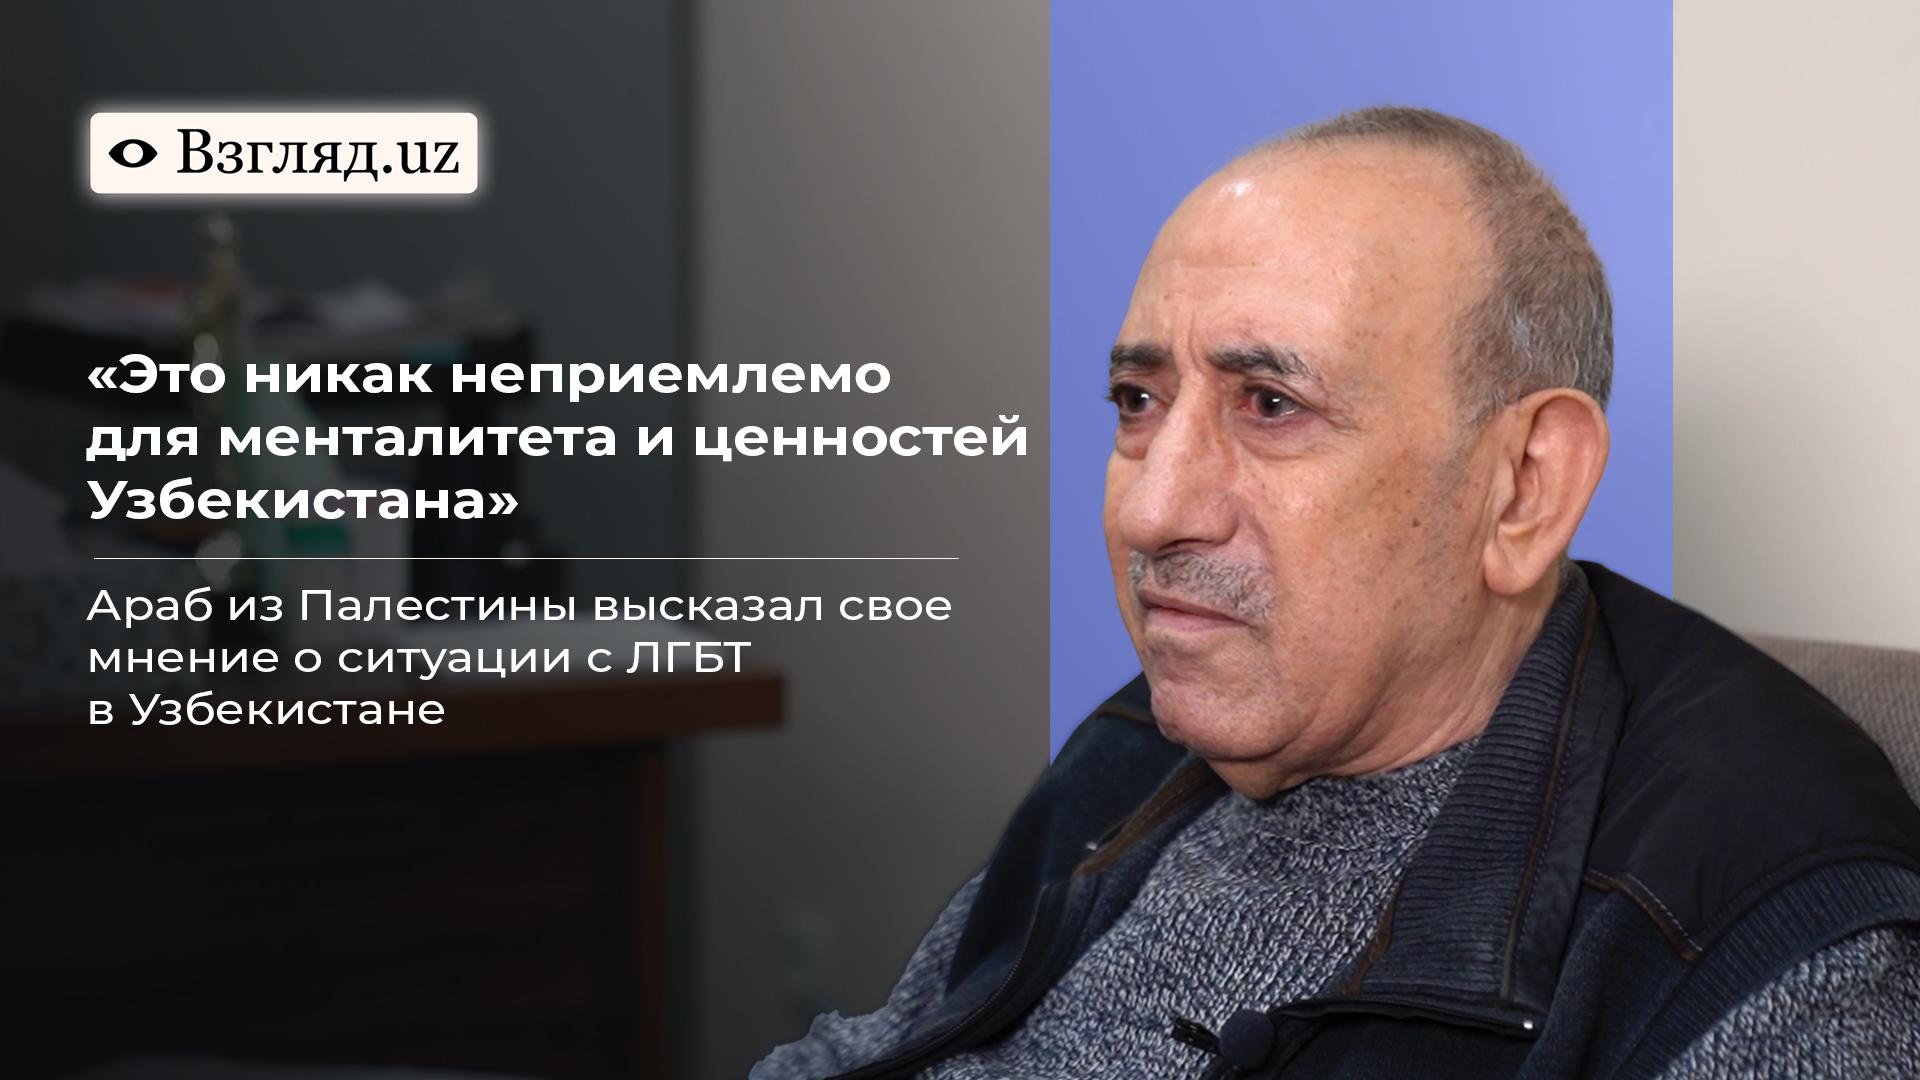 Проживающий в Узбекистане 40 лет араб из Палестины рассказал об отношении к ЛГБТ в Узбекистане